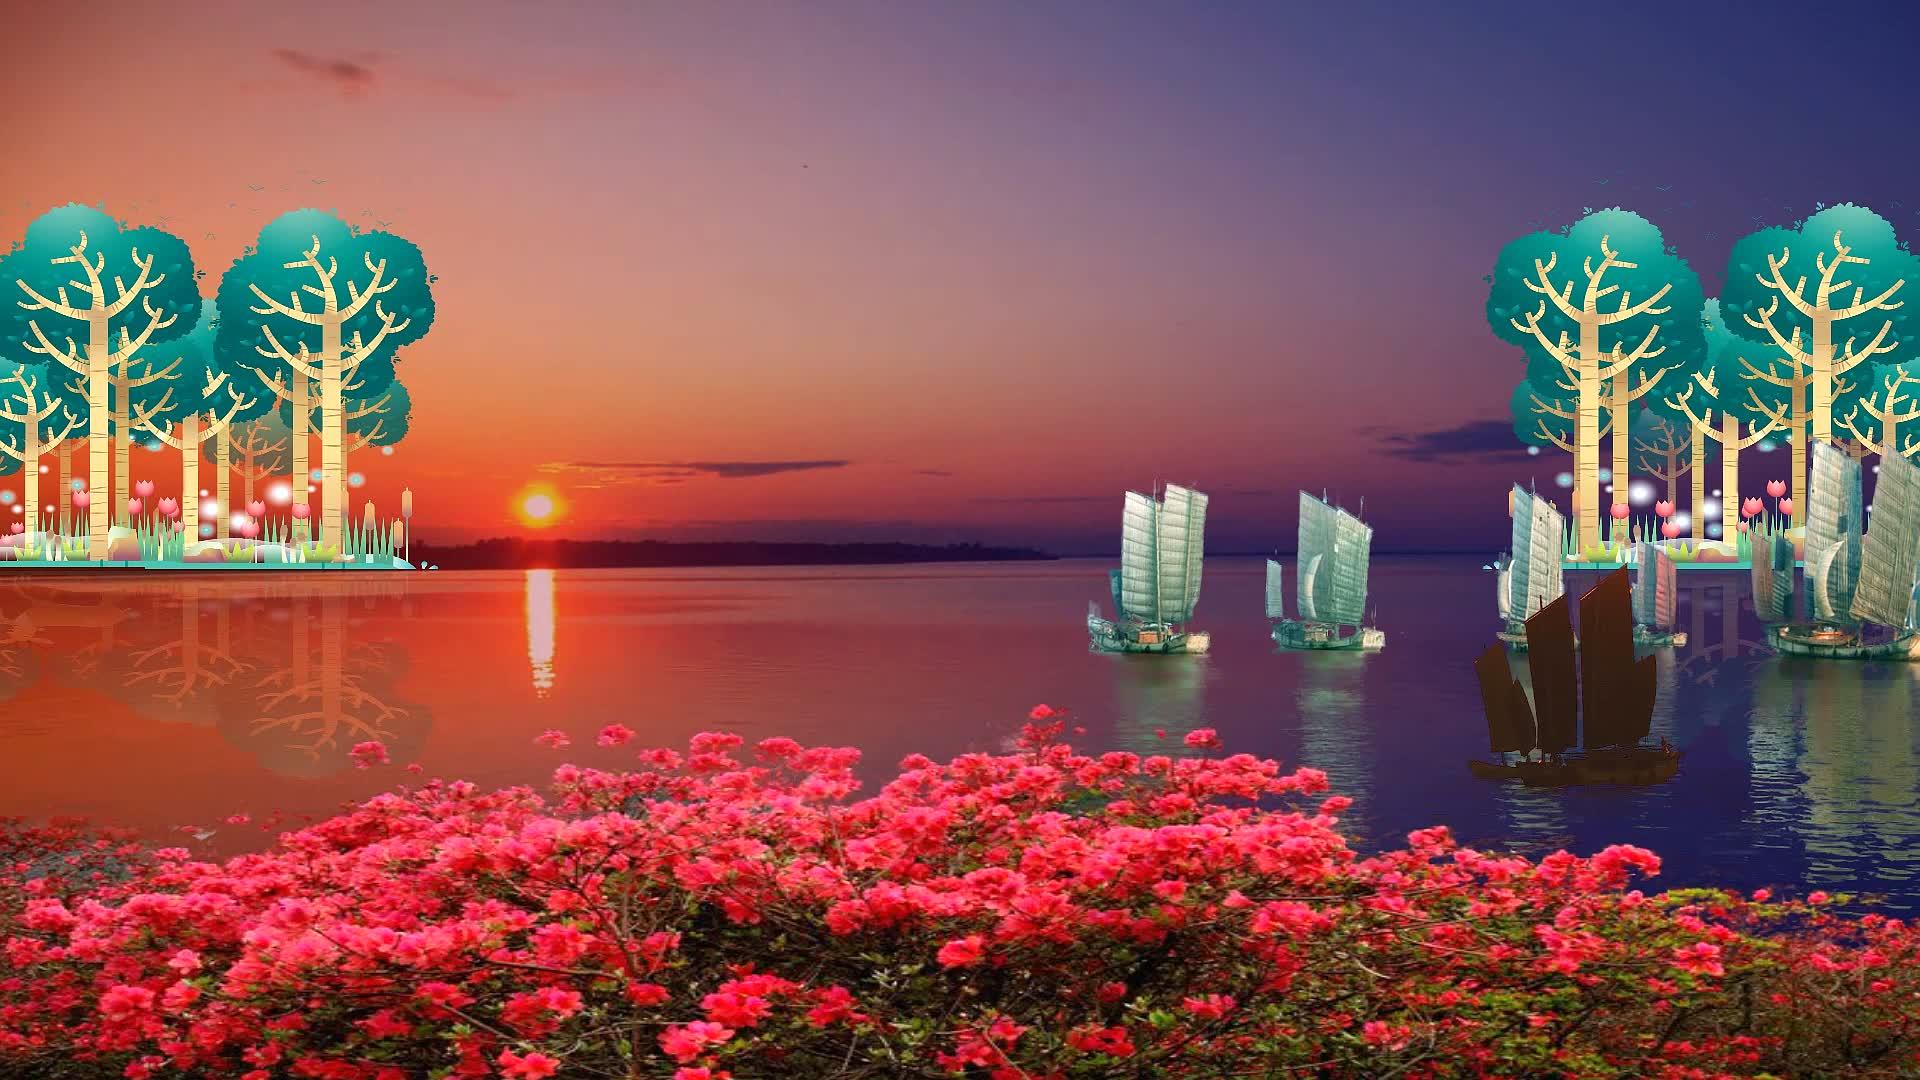 配乐成品 乌苏里船歌 经典民歌 树林 帆船 江河 乌苏里江 赫哲族民歌 经典老歌 经典红歌